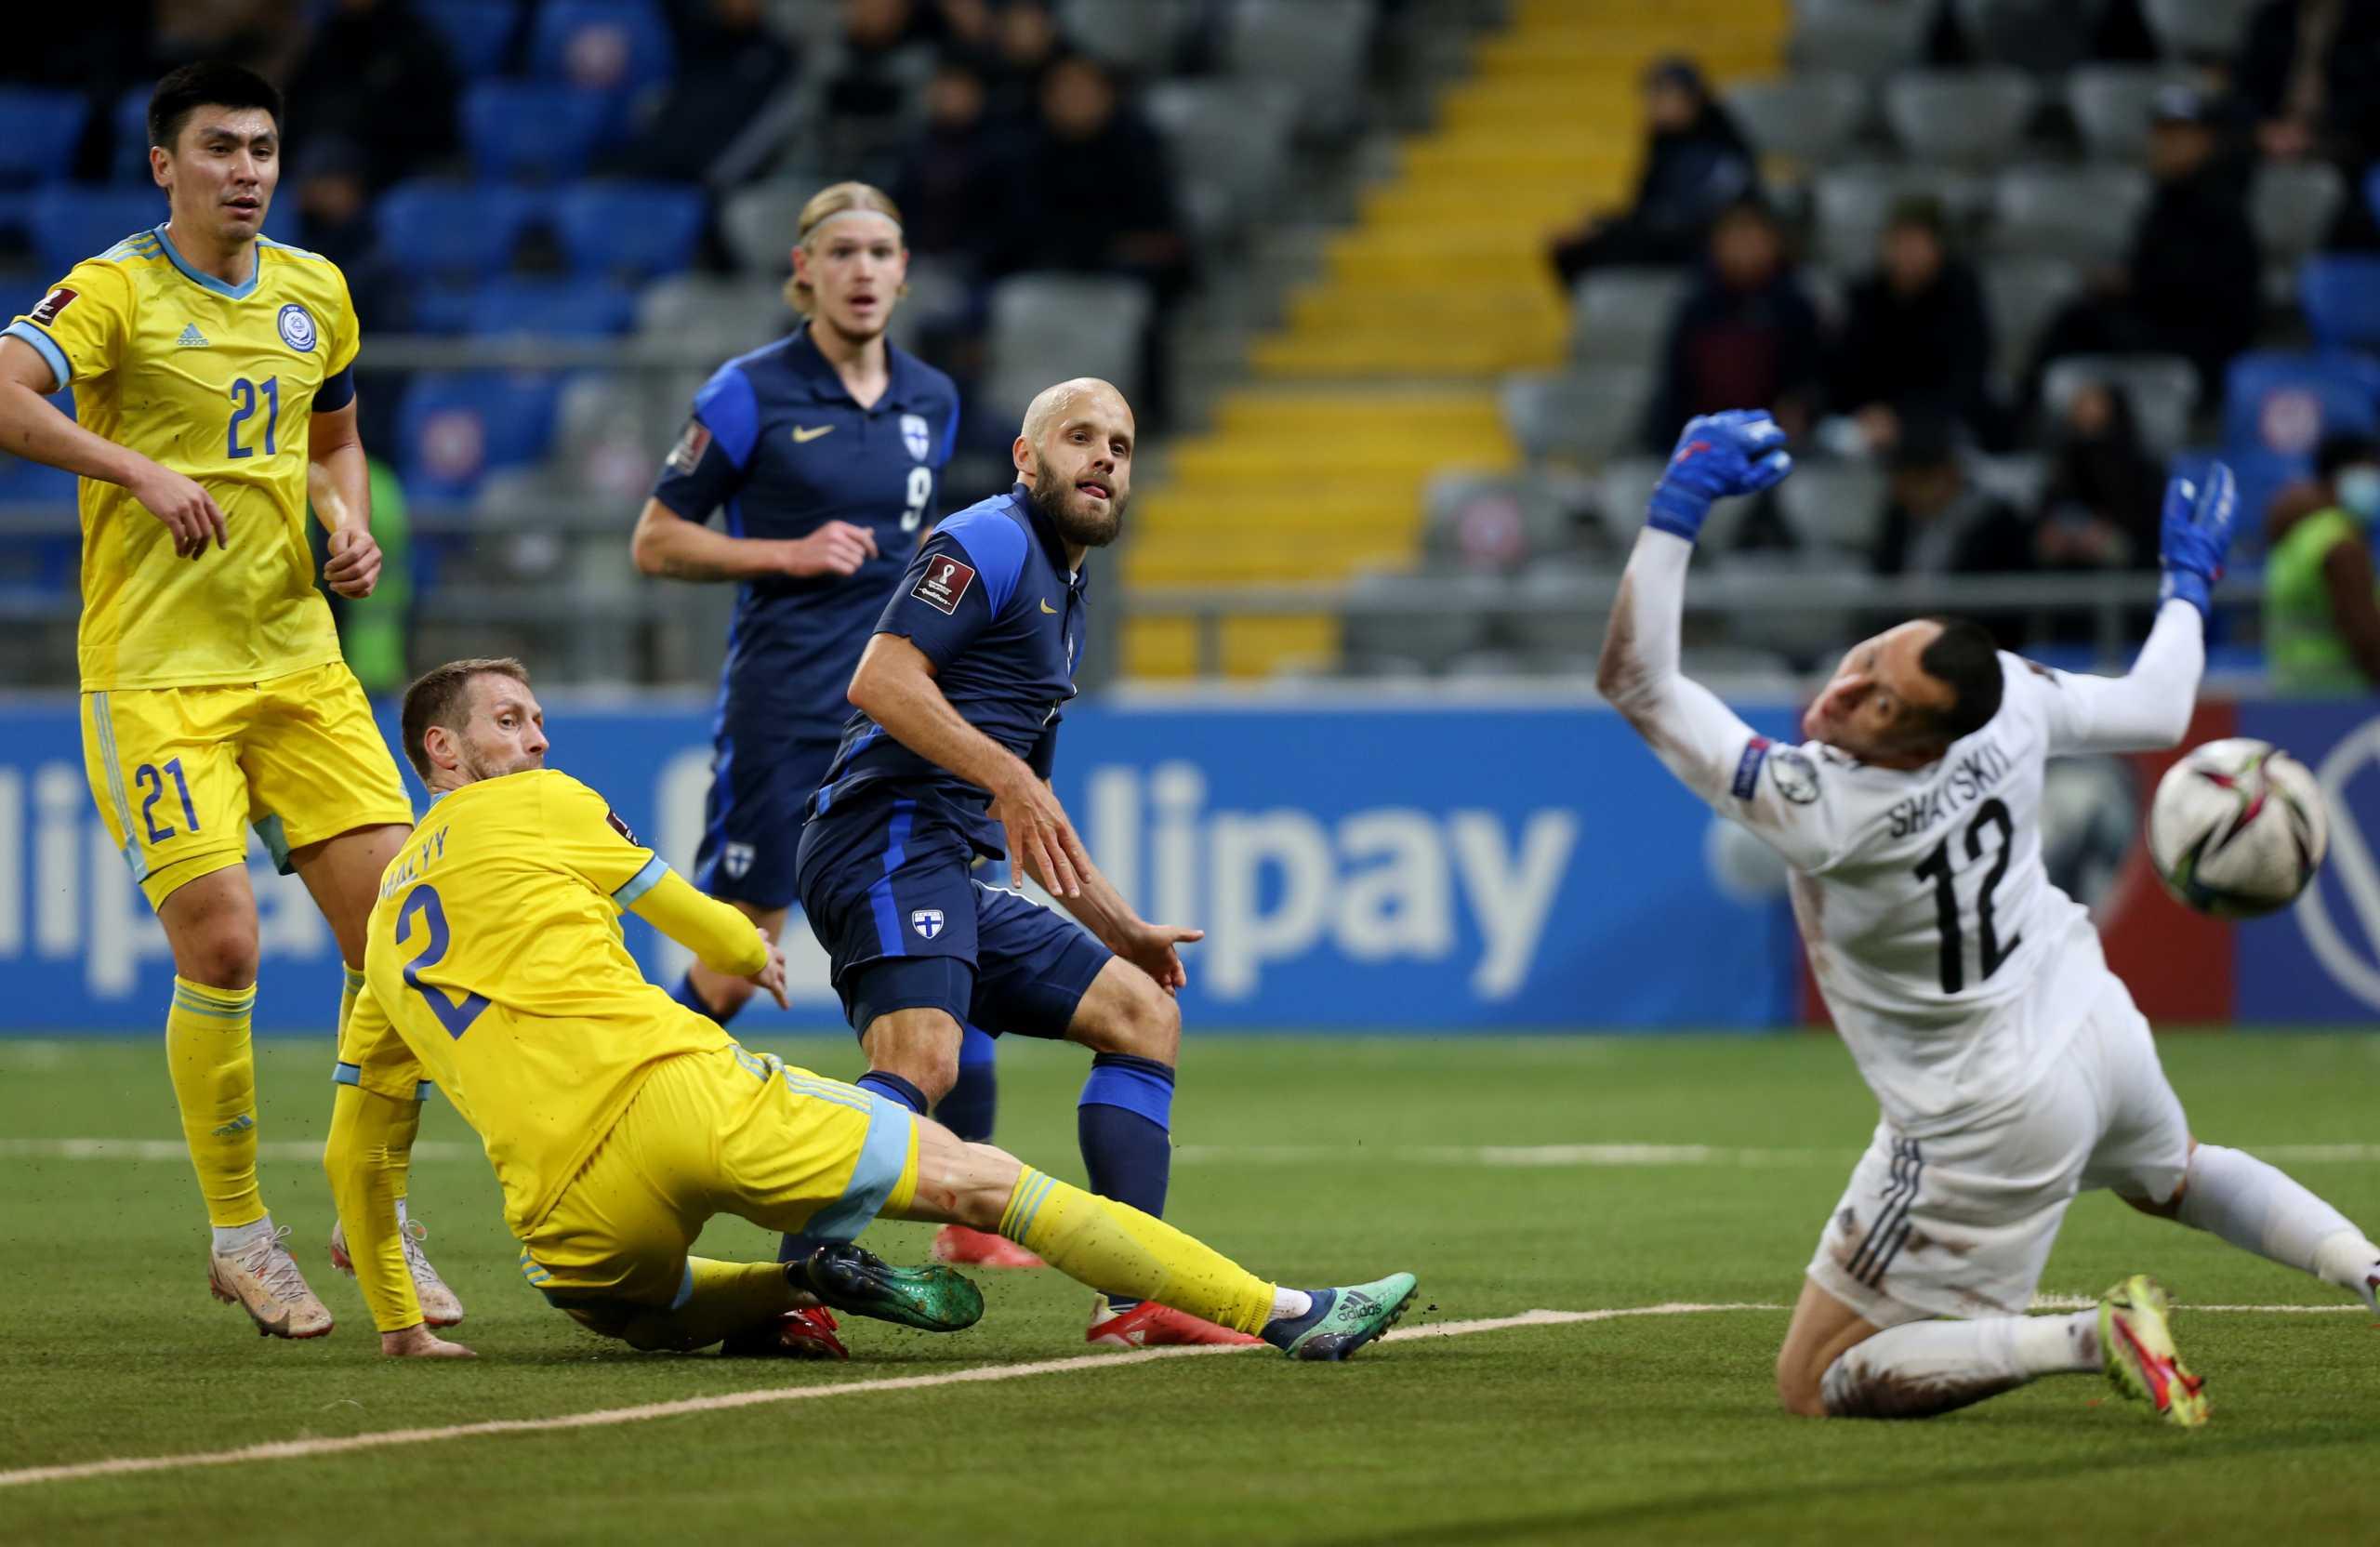 Προκριματικά Μουντιάλ 2022, Καζακστάν – Φινλανδία 0-2: Ο Πούκι ξεπέρασε τον Λιτμάνεν